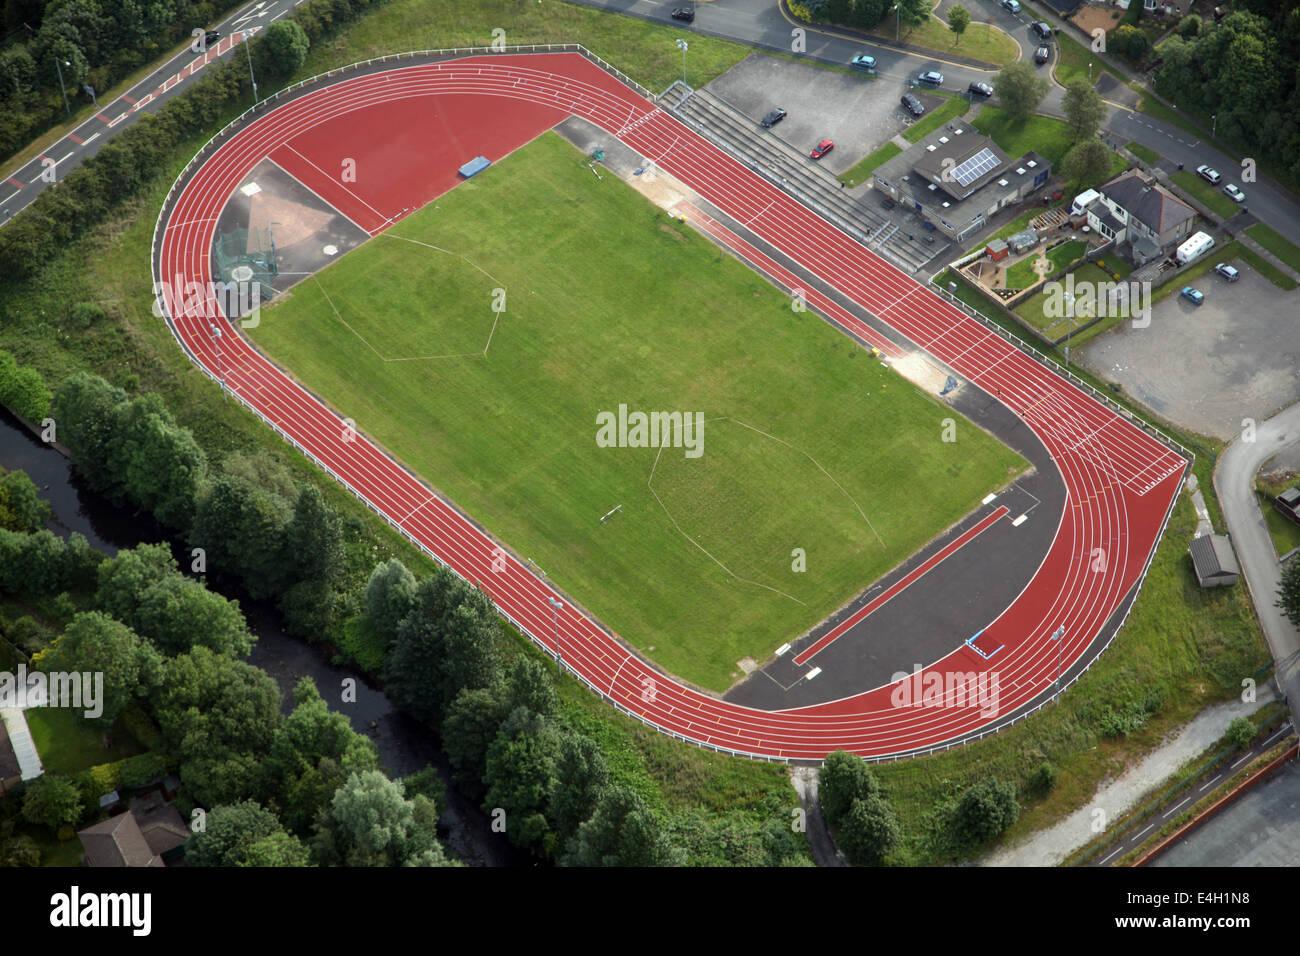 Vista aérea de un rojo de atletismo de pista y campo. Este uno a Nelson, Lancashire. Imagen De Stock